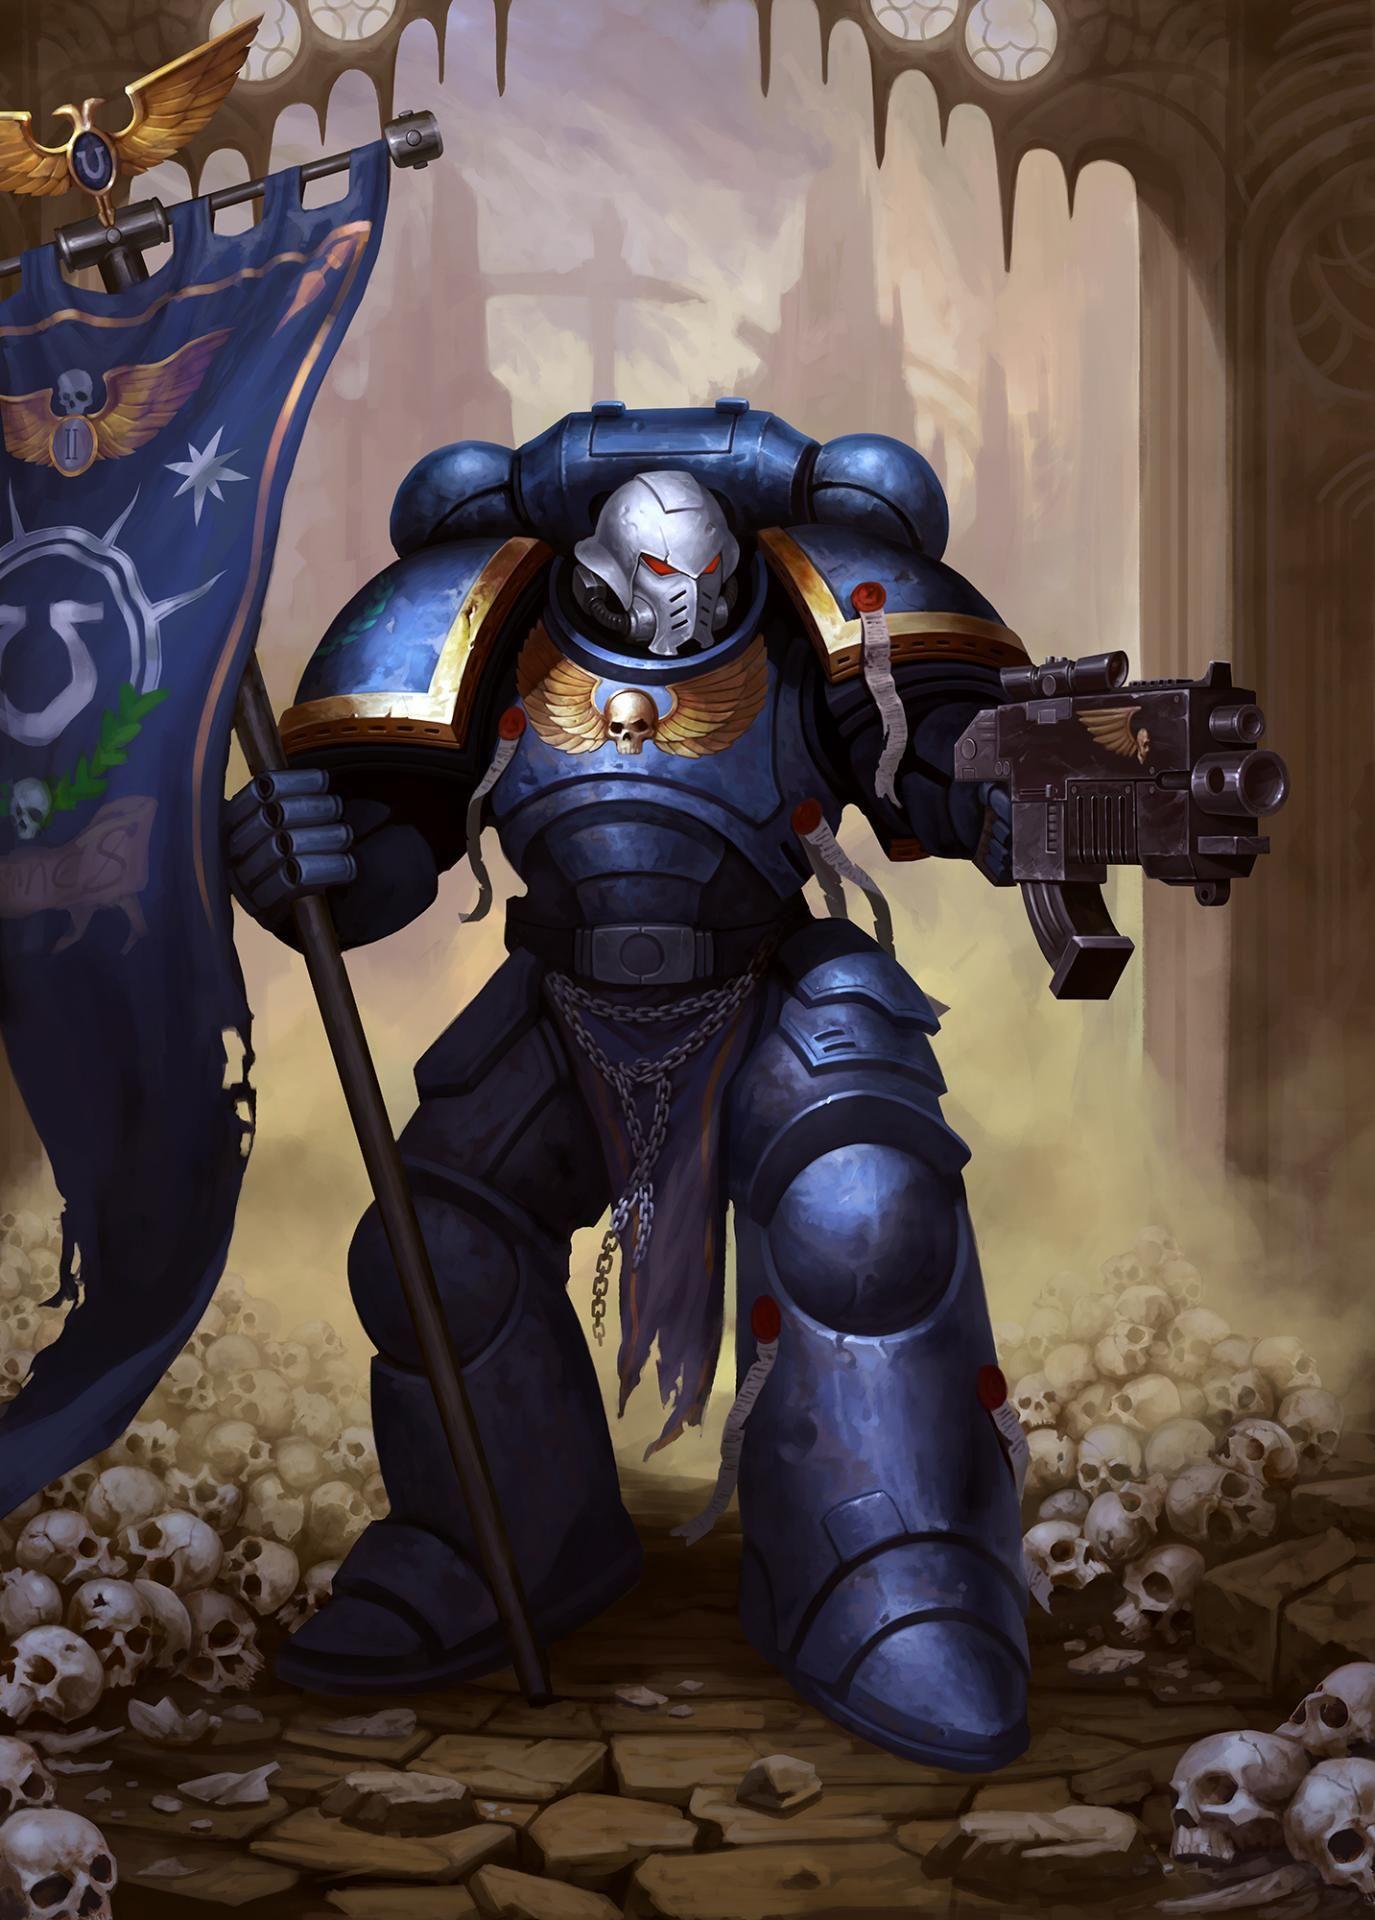 Primaris Space Marine by Anarchic Fox   Warhammer 40k artwork